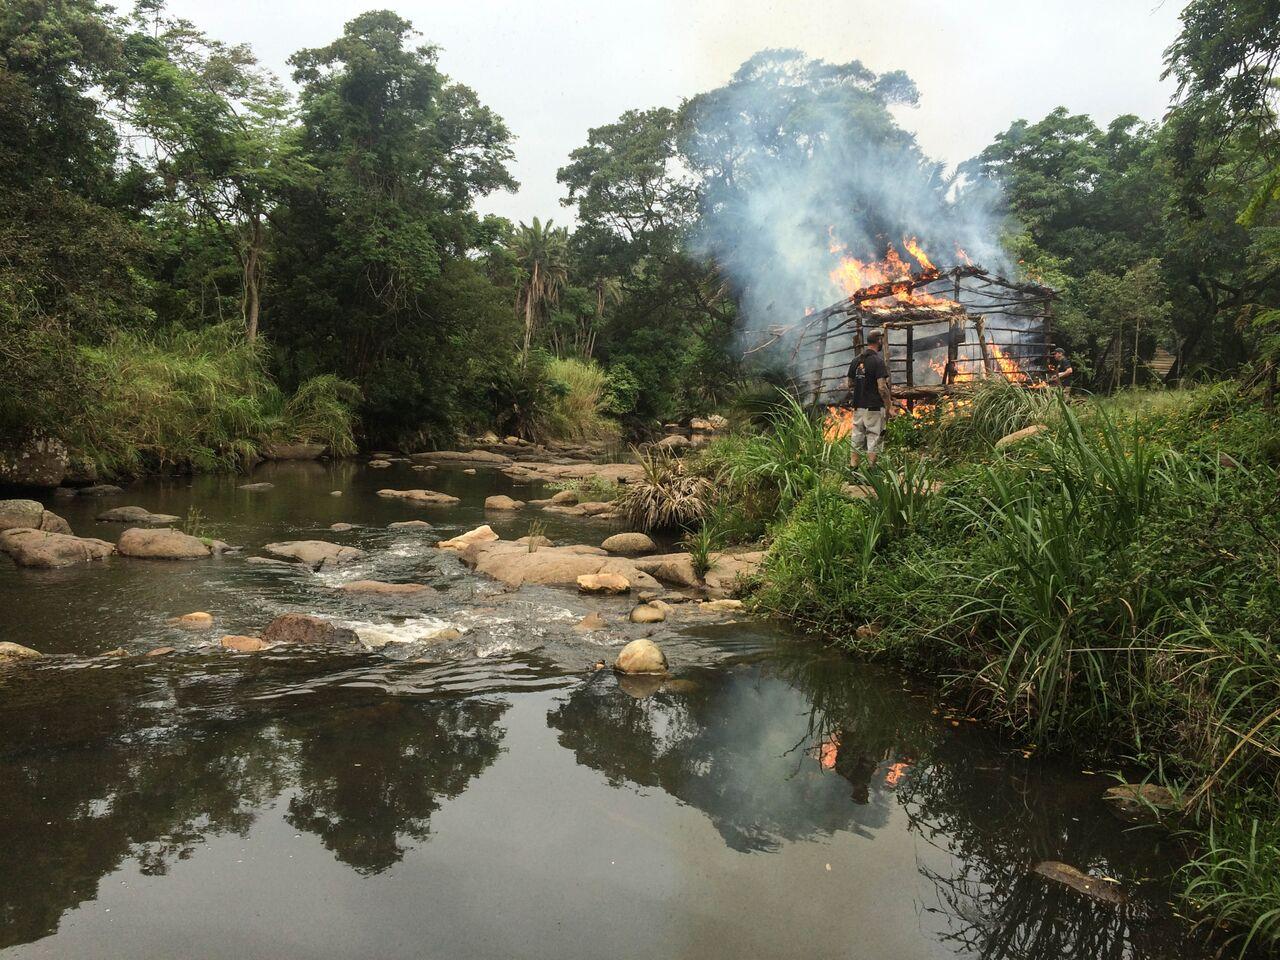 Hut Burn Lima